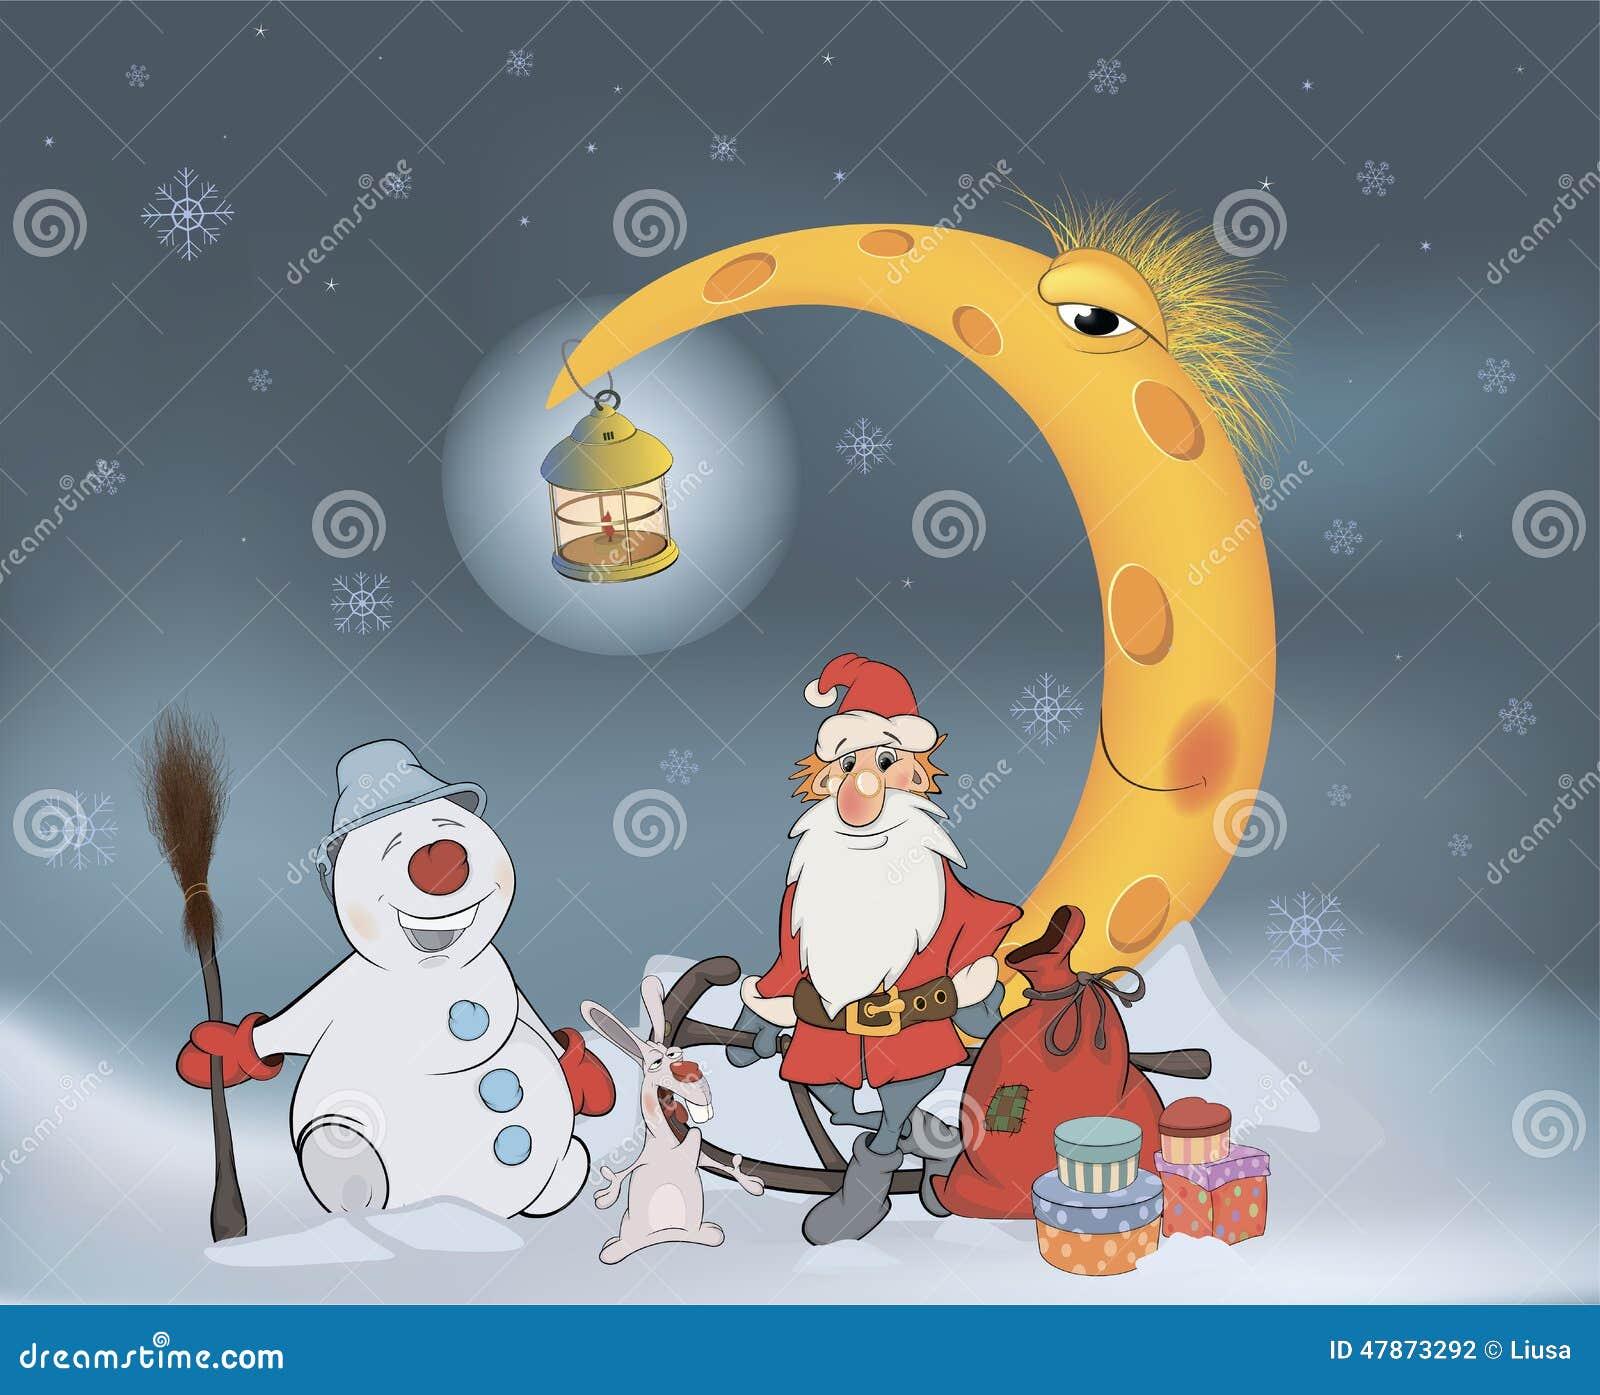 Santa Claus Seine Freunde Und Weihnachtsgeschenke Karikatur Stock ...